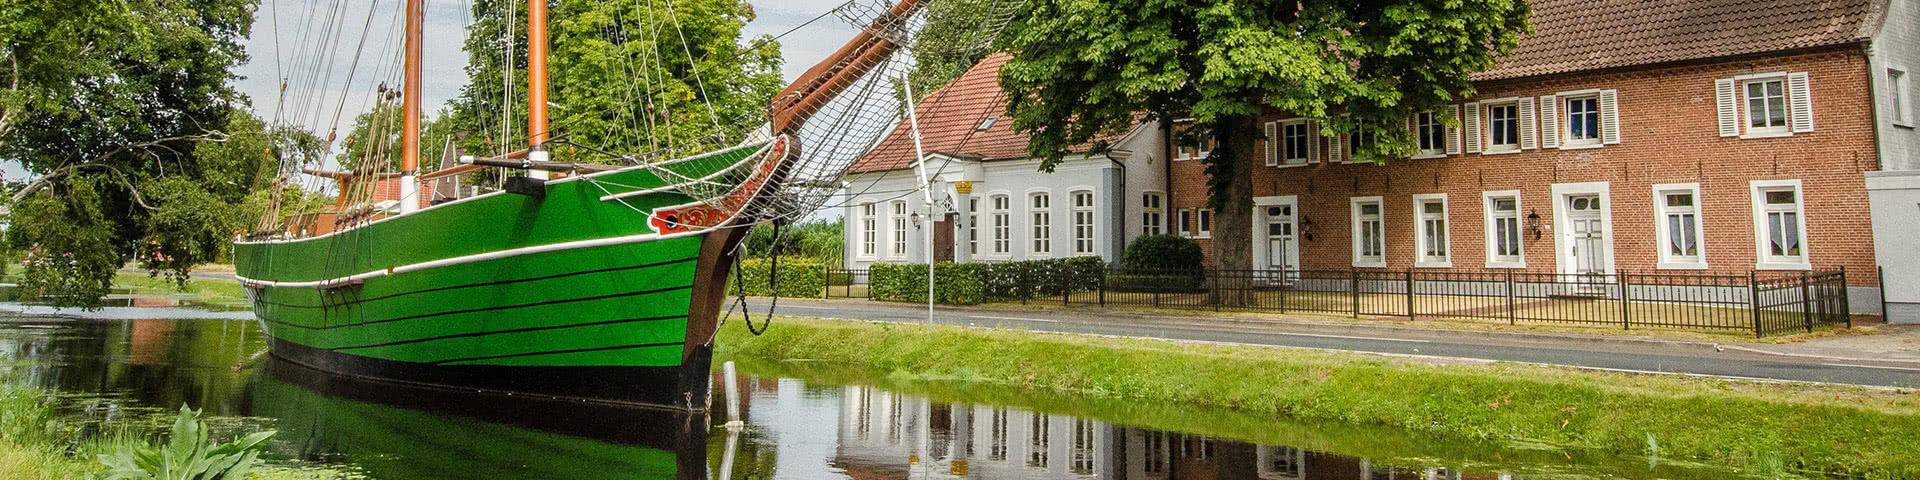 Plattbodenschiff Kuff Margaretha in Papenburg